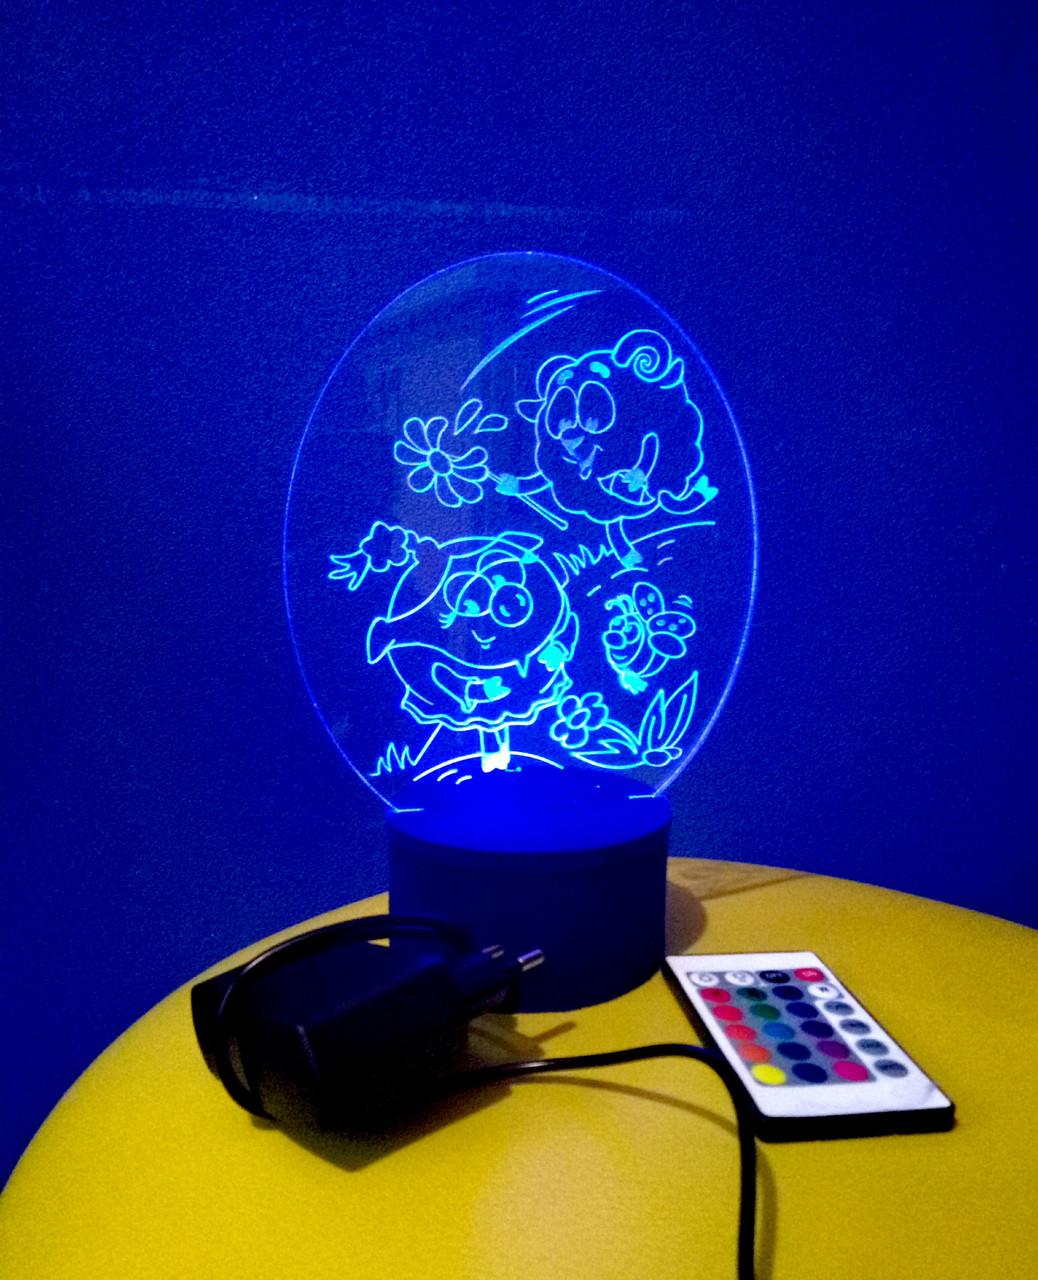 3d-светильник Бараш и Нюша (смешарики), 3д-ночник, несколько подсветок (на пульте)